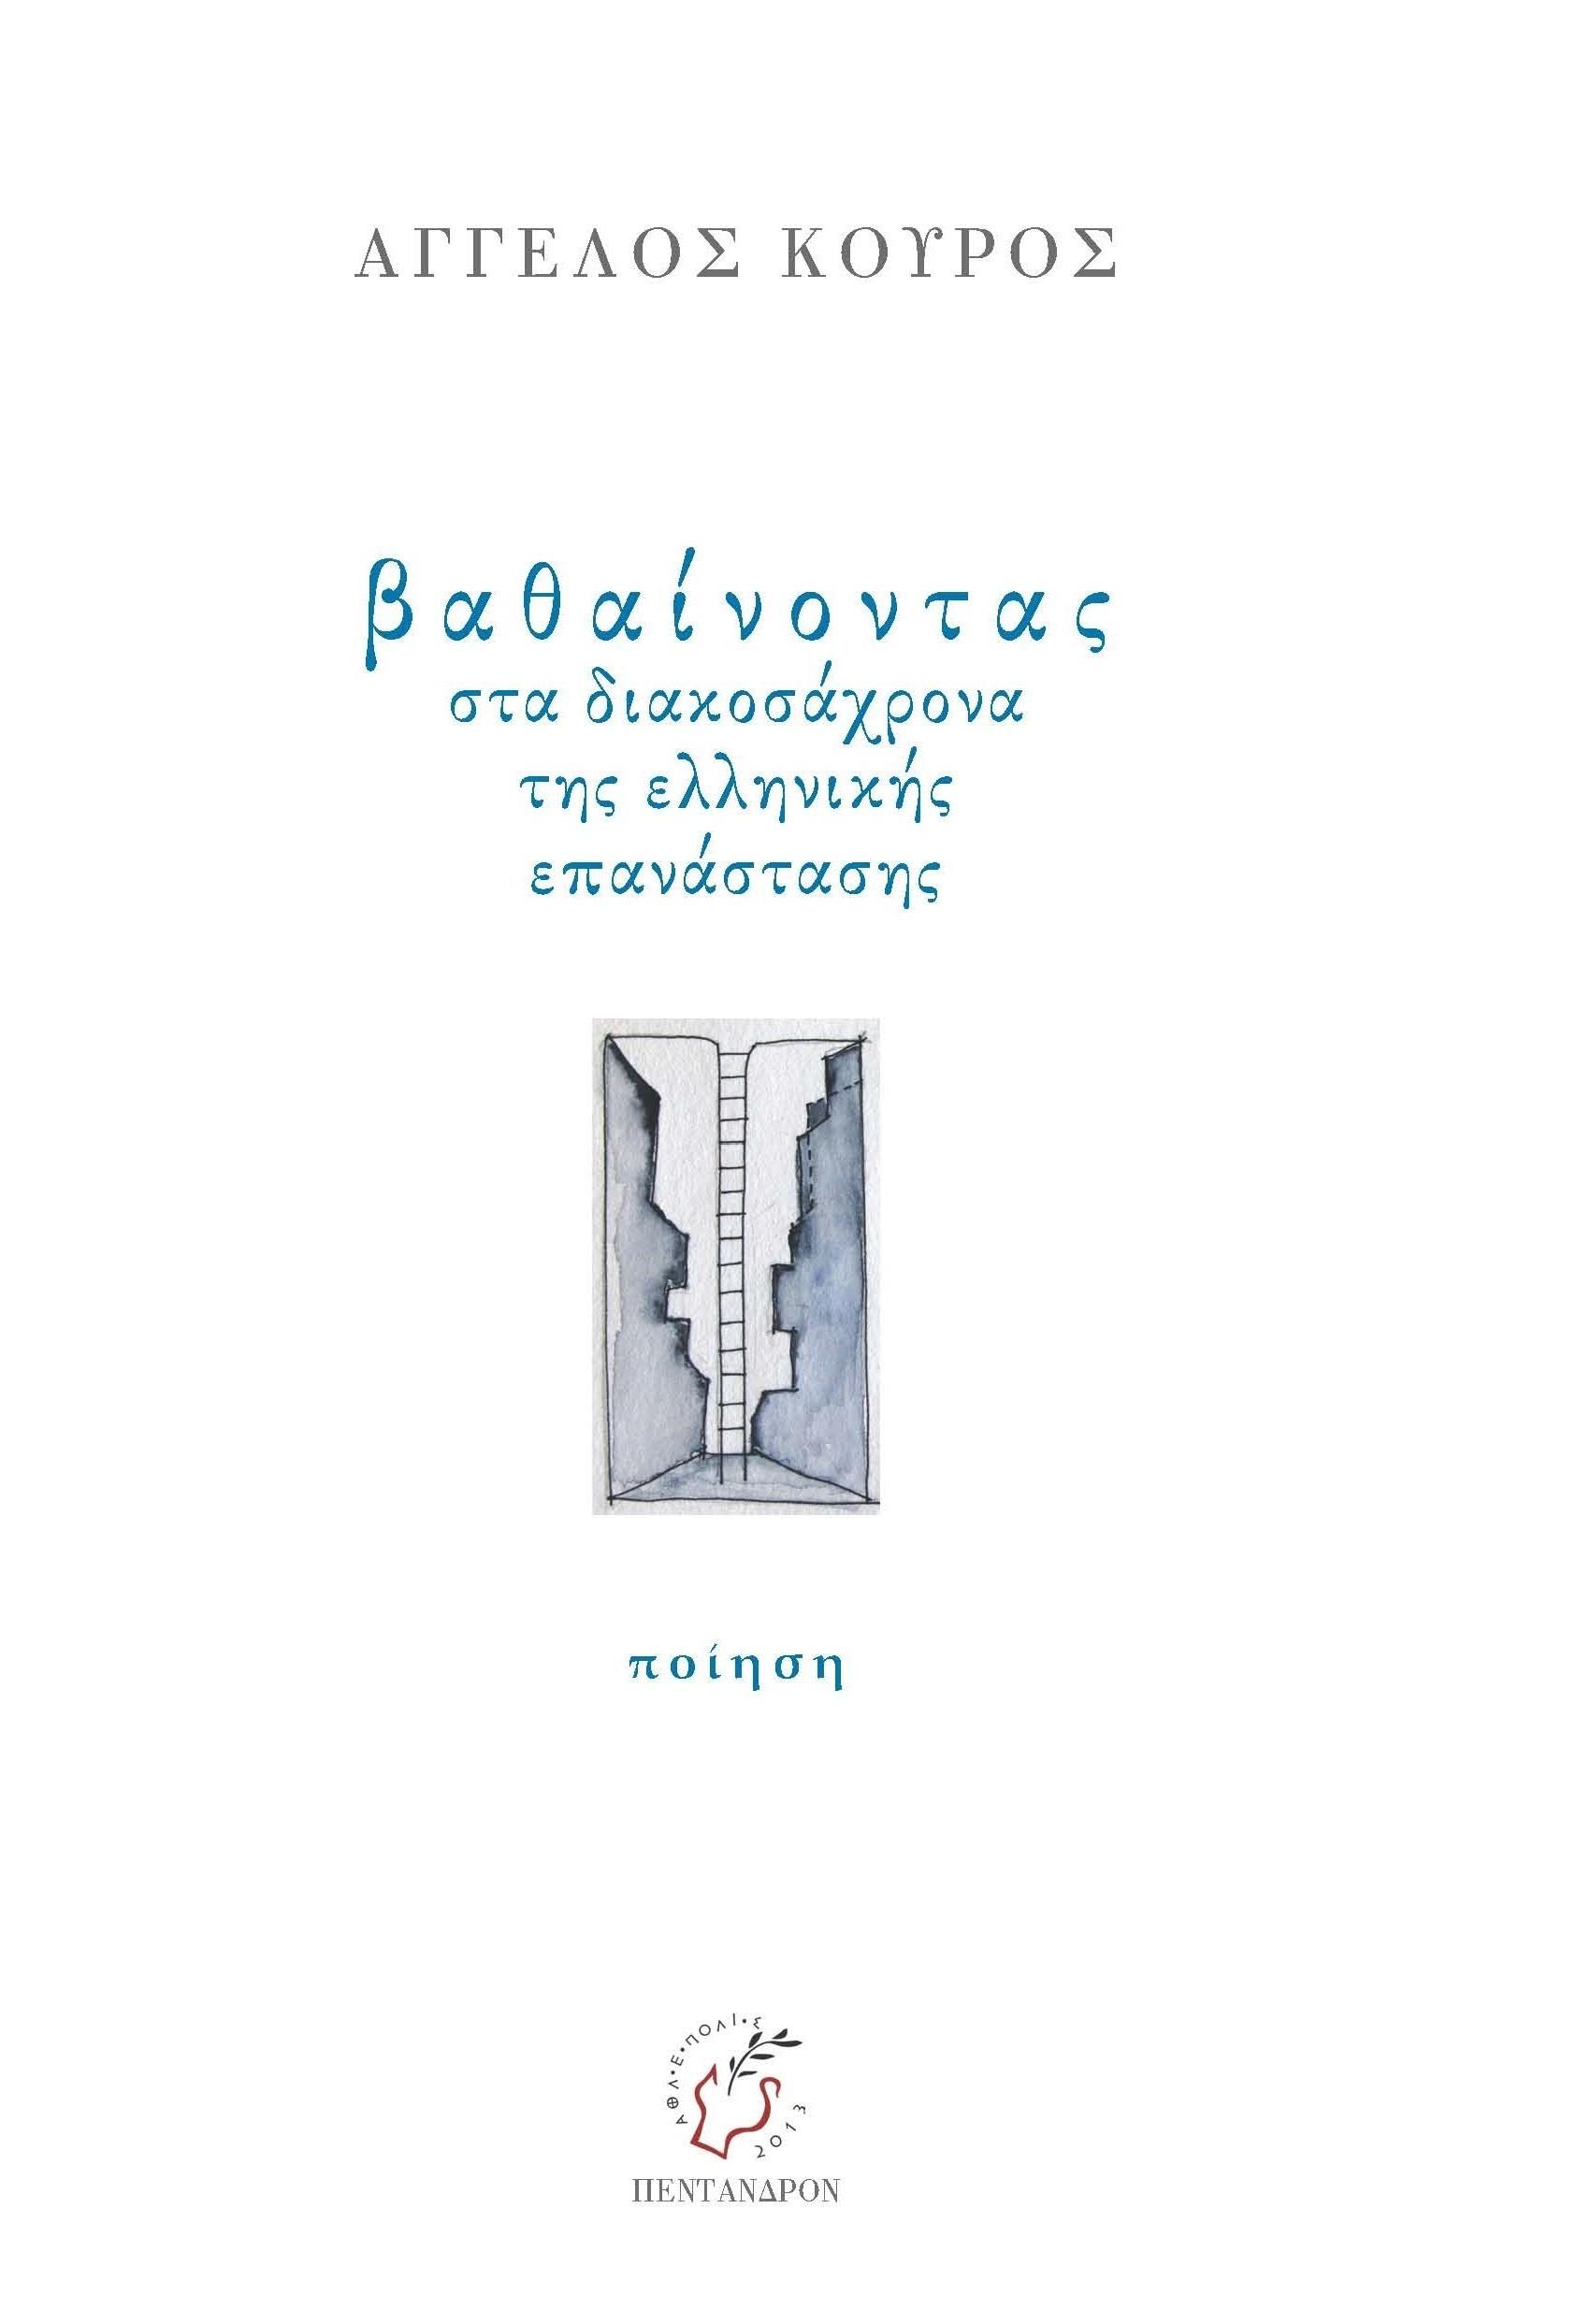 """Έκδοση ποιητικής συλλογής """"Βαθαίνοντας στα διακοσάχρονα της Ελληνικής επανάστασης"""""""